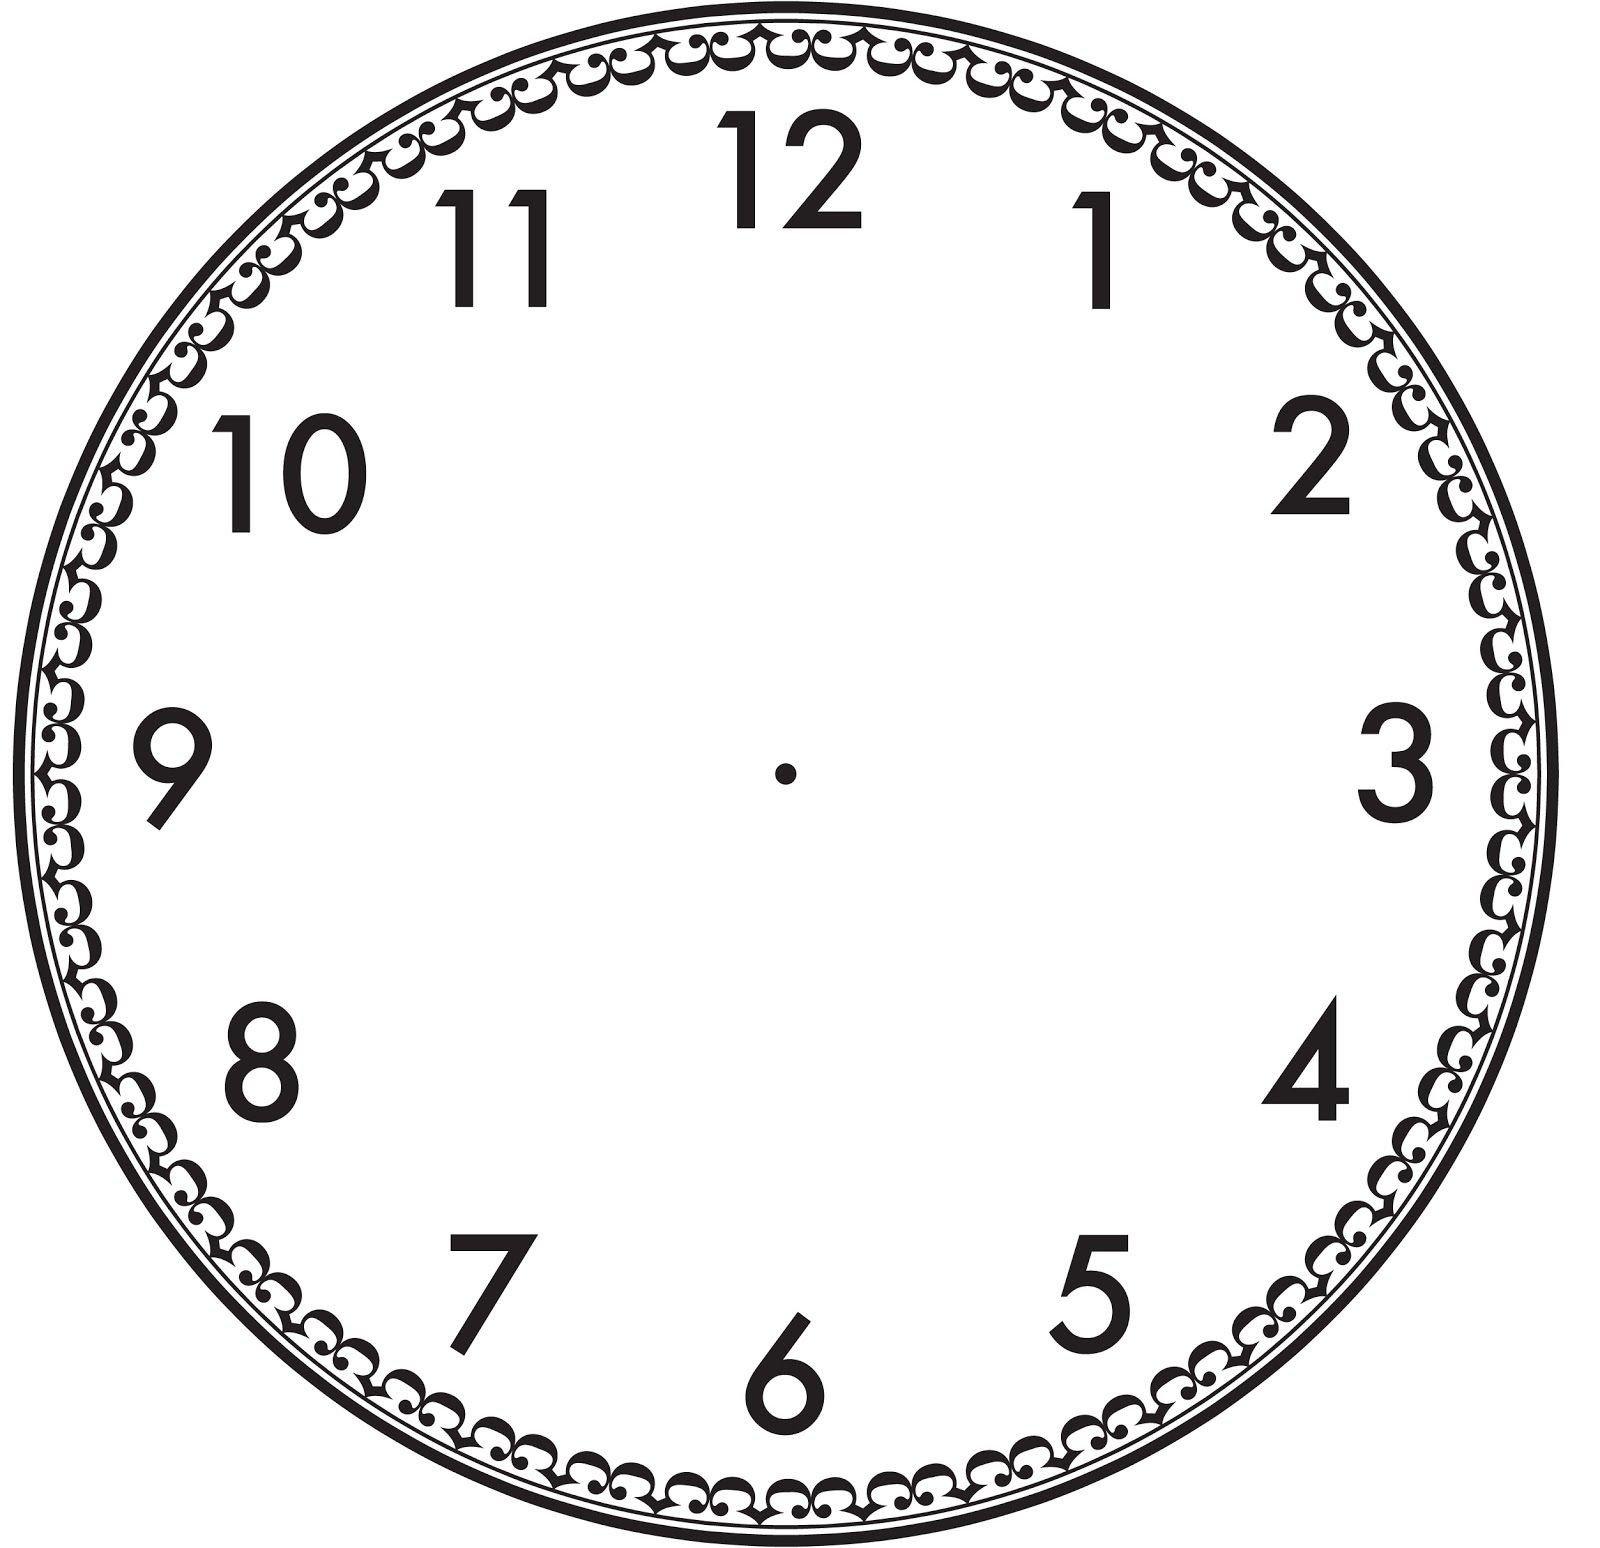 Customizable Clock Face Template Пин от пользователя Светлана на доске Часовая шкала